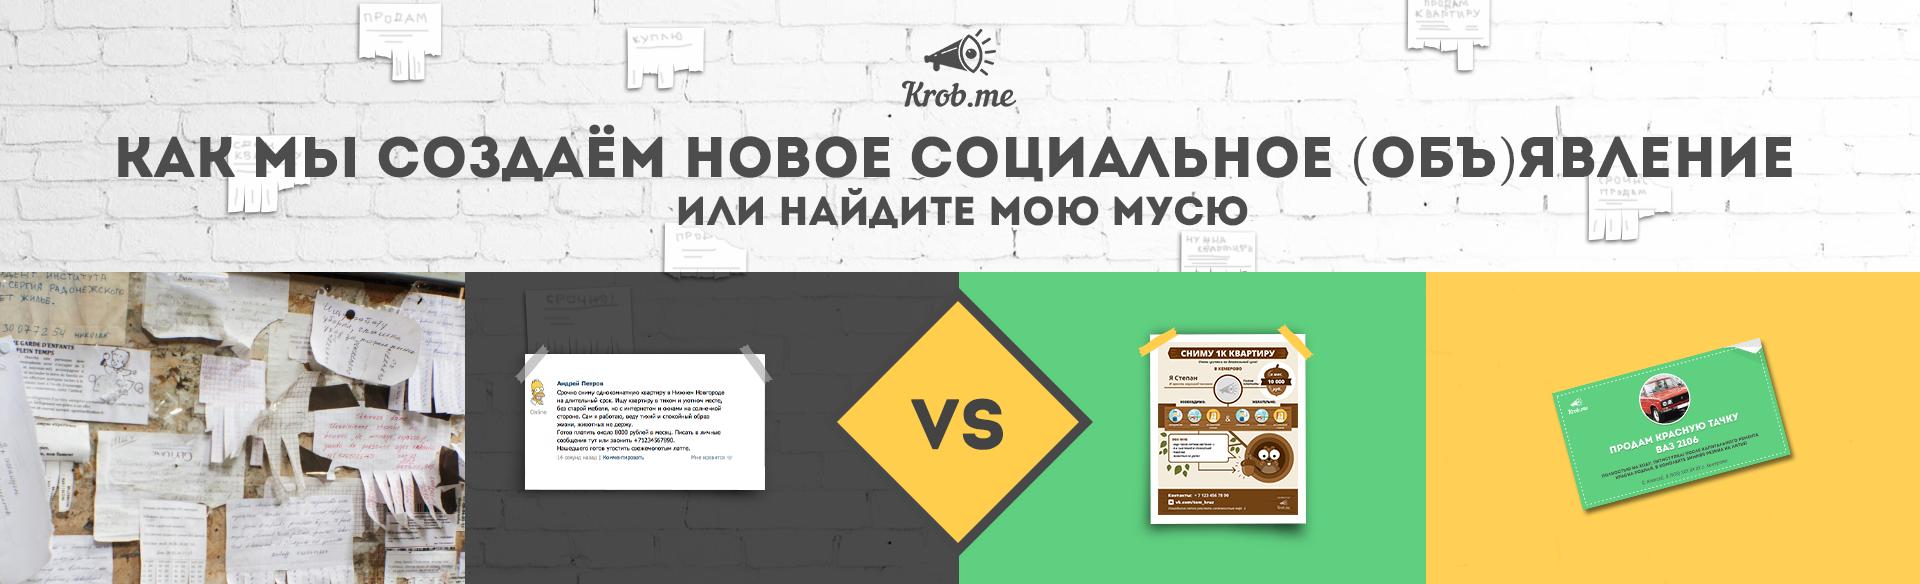 Доска бесплатных объявлений СПб и ЛенОбласти - Сделано 19